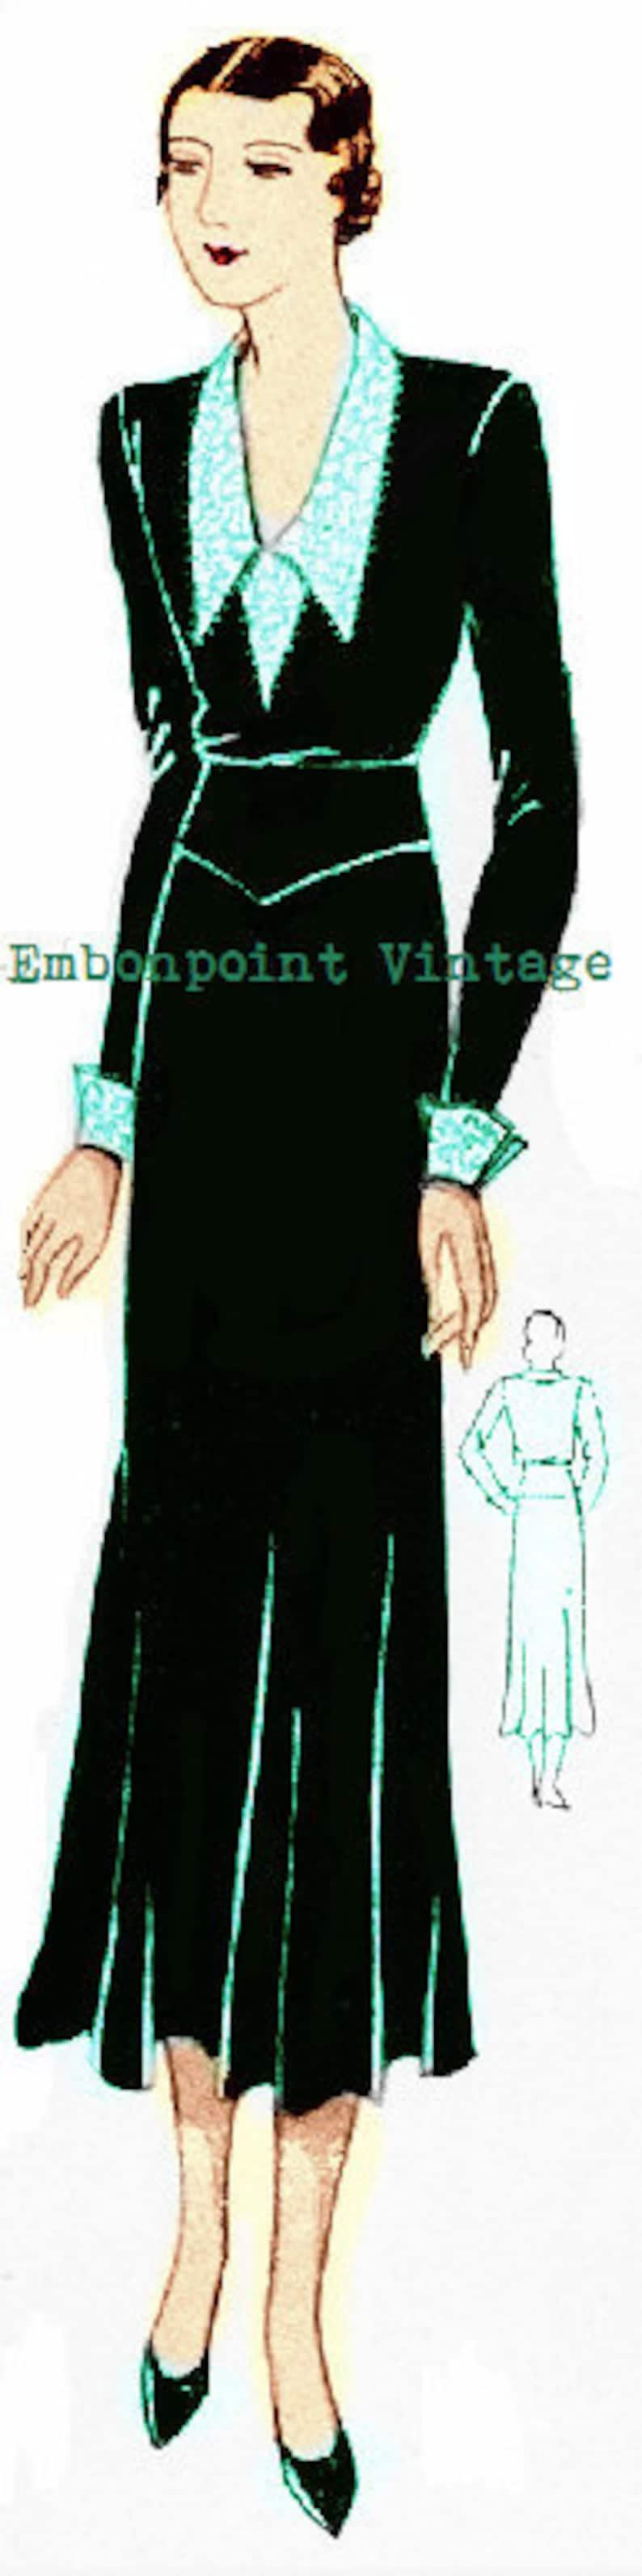 1930s Vintage Dresses, Clothing & Patterns Links Plus Size (or any size) 1934 Vintage Dress Sewing Pattern - PDF - Pattern No 64 Josefina 1930s 30s Instant Download $1,934.00 AT vintagedancer.com